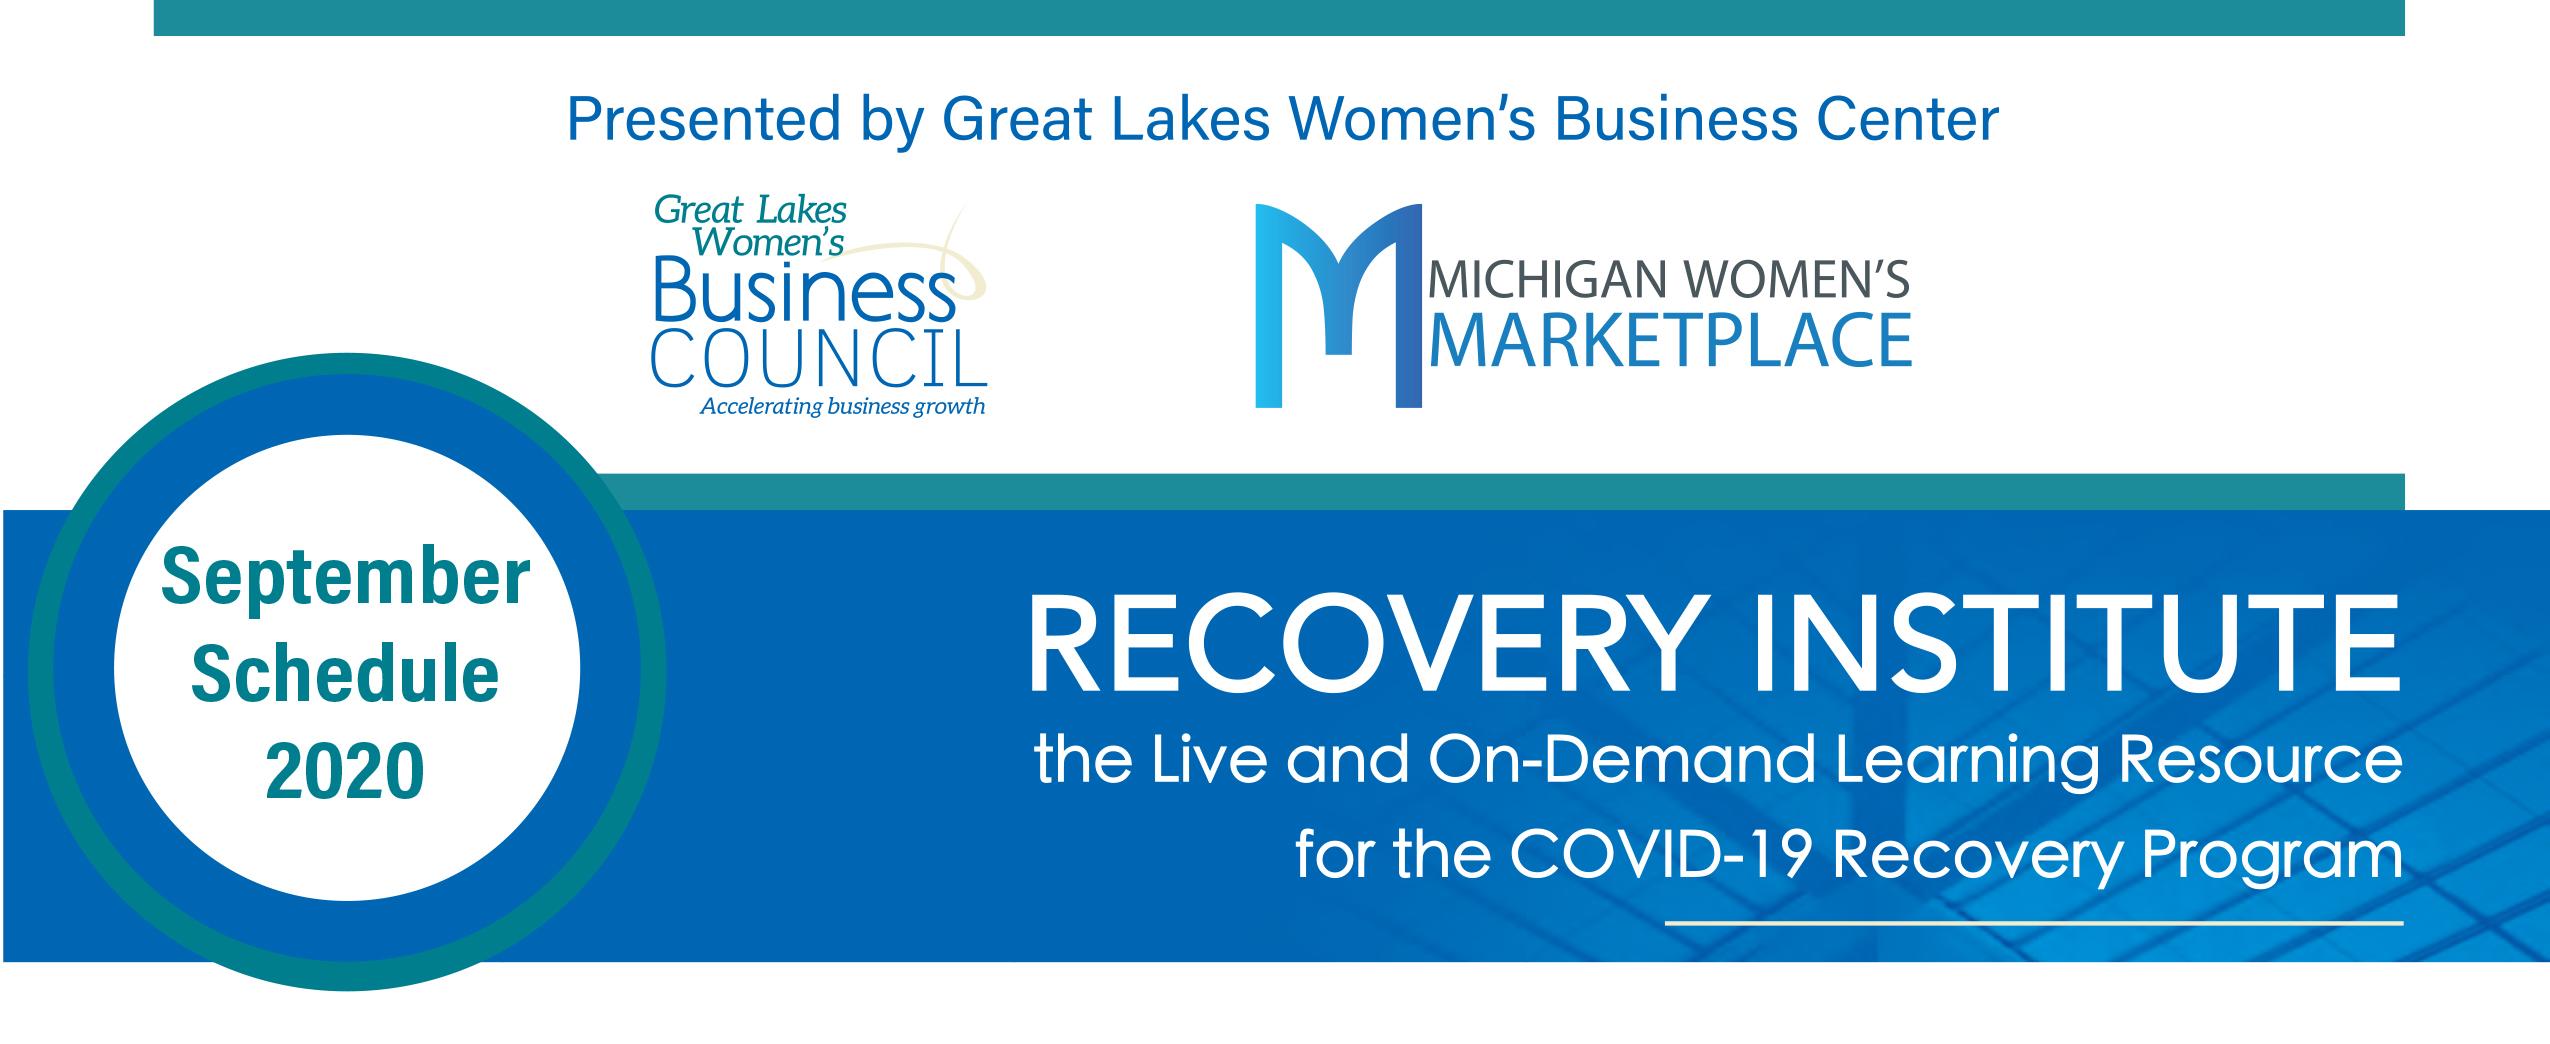 MWM Recovery Institute